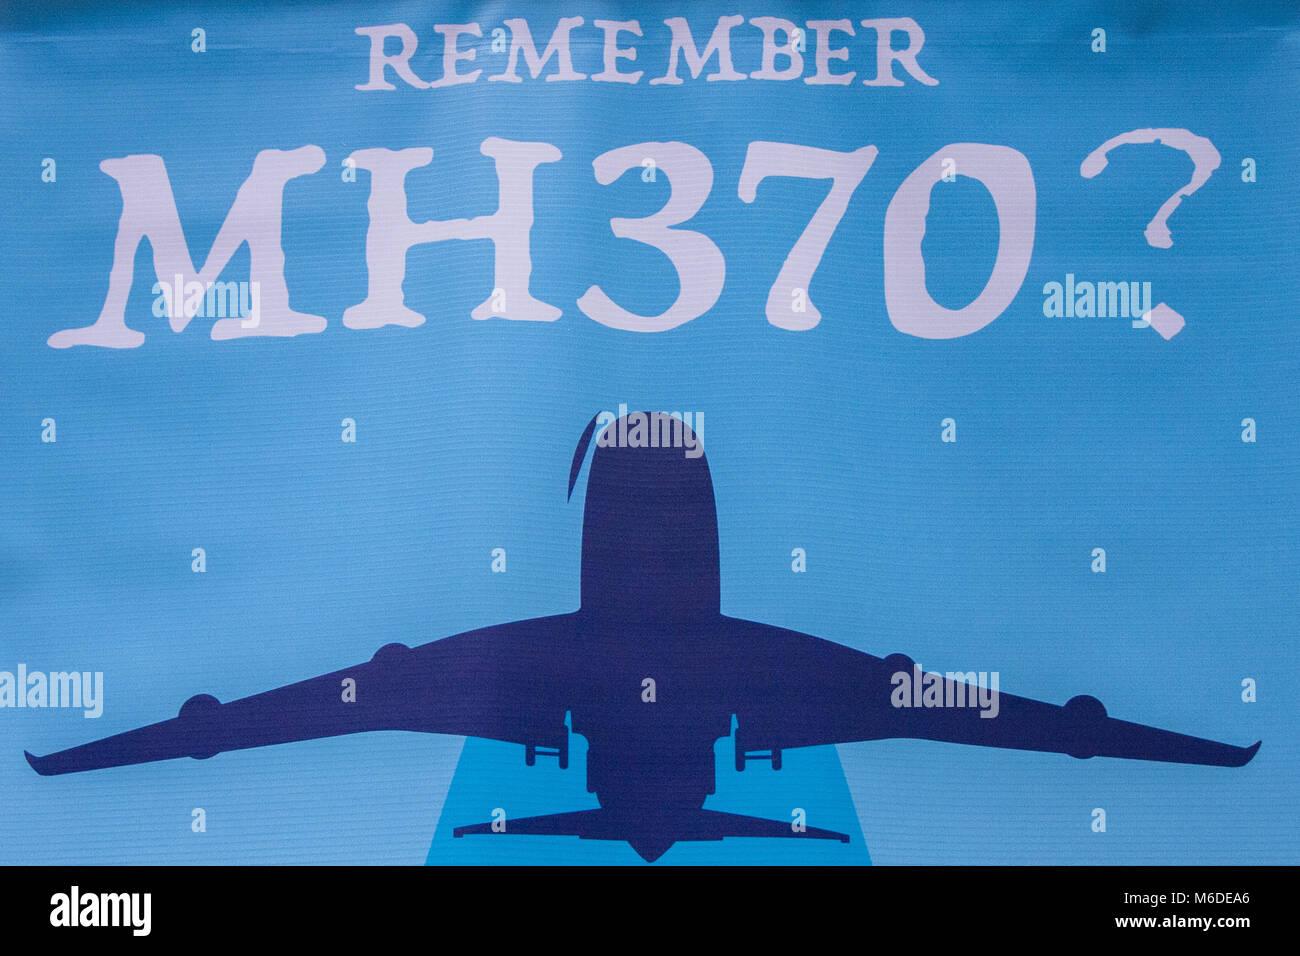 """Kuala Lumpur, Malaisie, KL. 3e Mar, 2018. Un MH370 poster vu à la 4e Conférence annuelle de MH370 Souvenir événement. Des centaines de personnes s'étaient réunis dans le """"Se souvenir de MH370? Ce n'est pas l'histoire, c'est notre avenir'' est la 4ème MH370 Souvenir manifestation organisée par la voix370 MH370 Family Support Group tenu à Publika, Kuala Lumpur le 3 mars 2018. Credit: ZUMA Press, Inc./Alamy Live News Banque D'Images"""